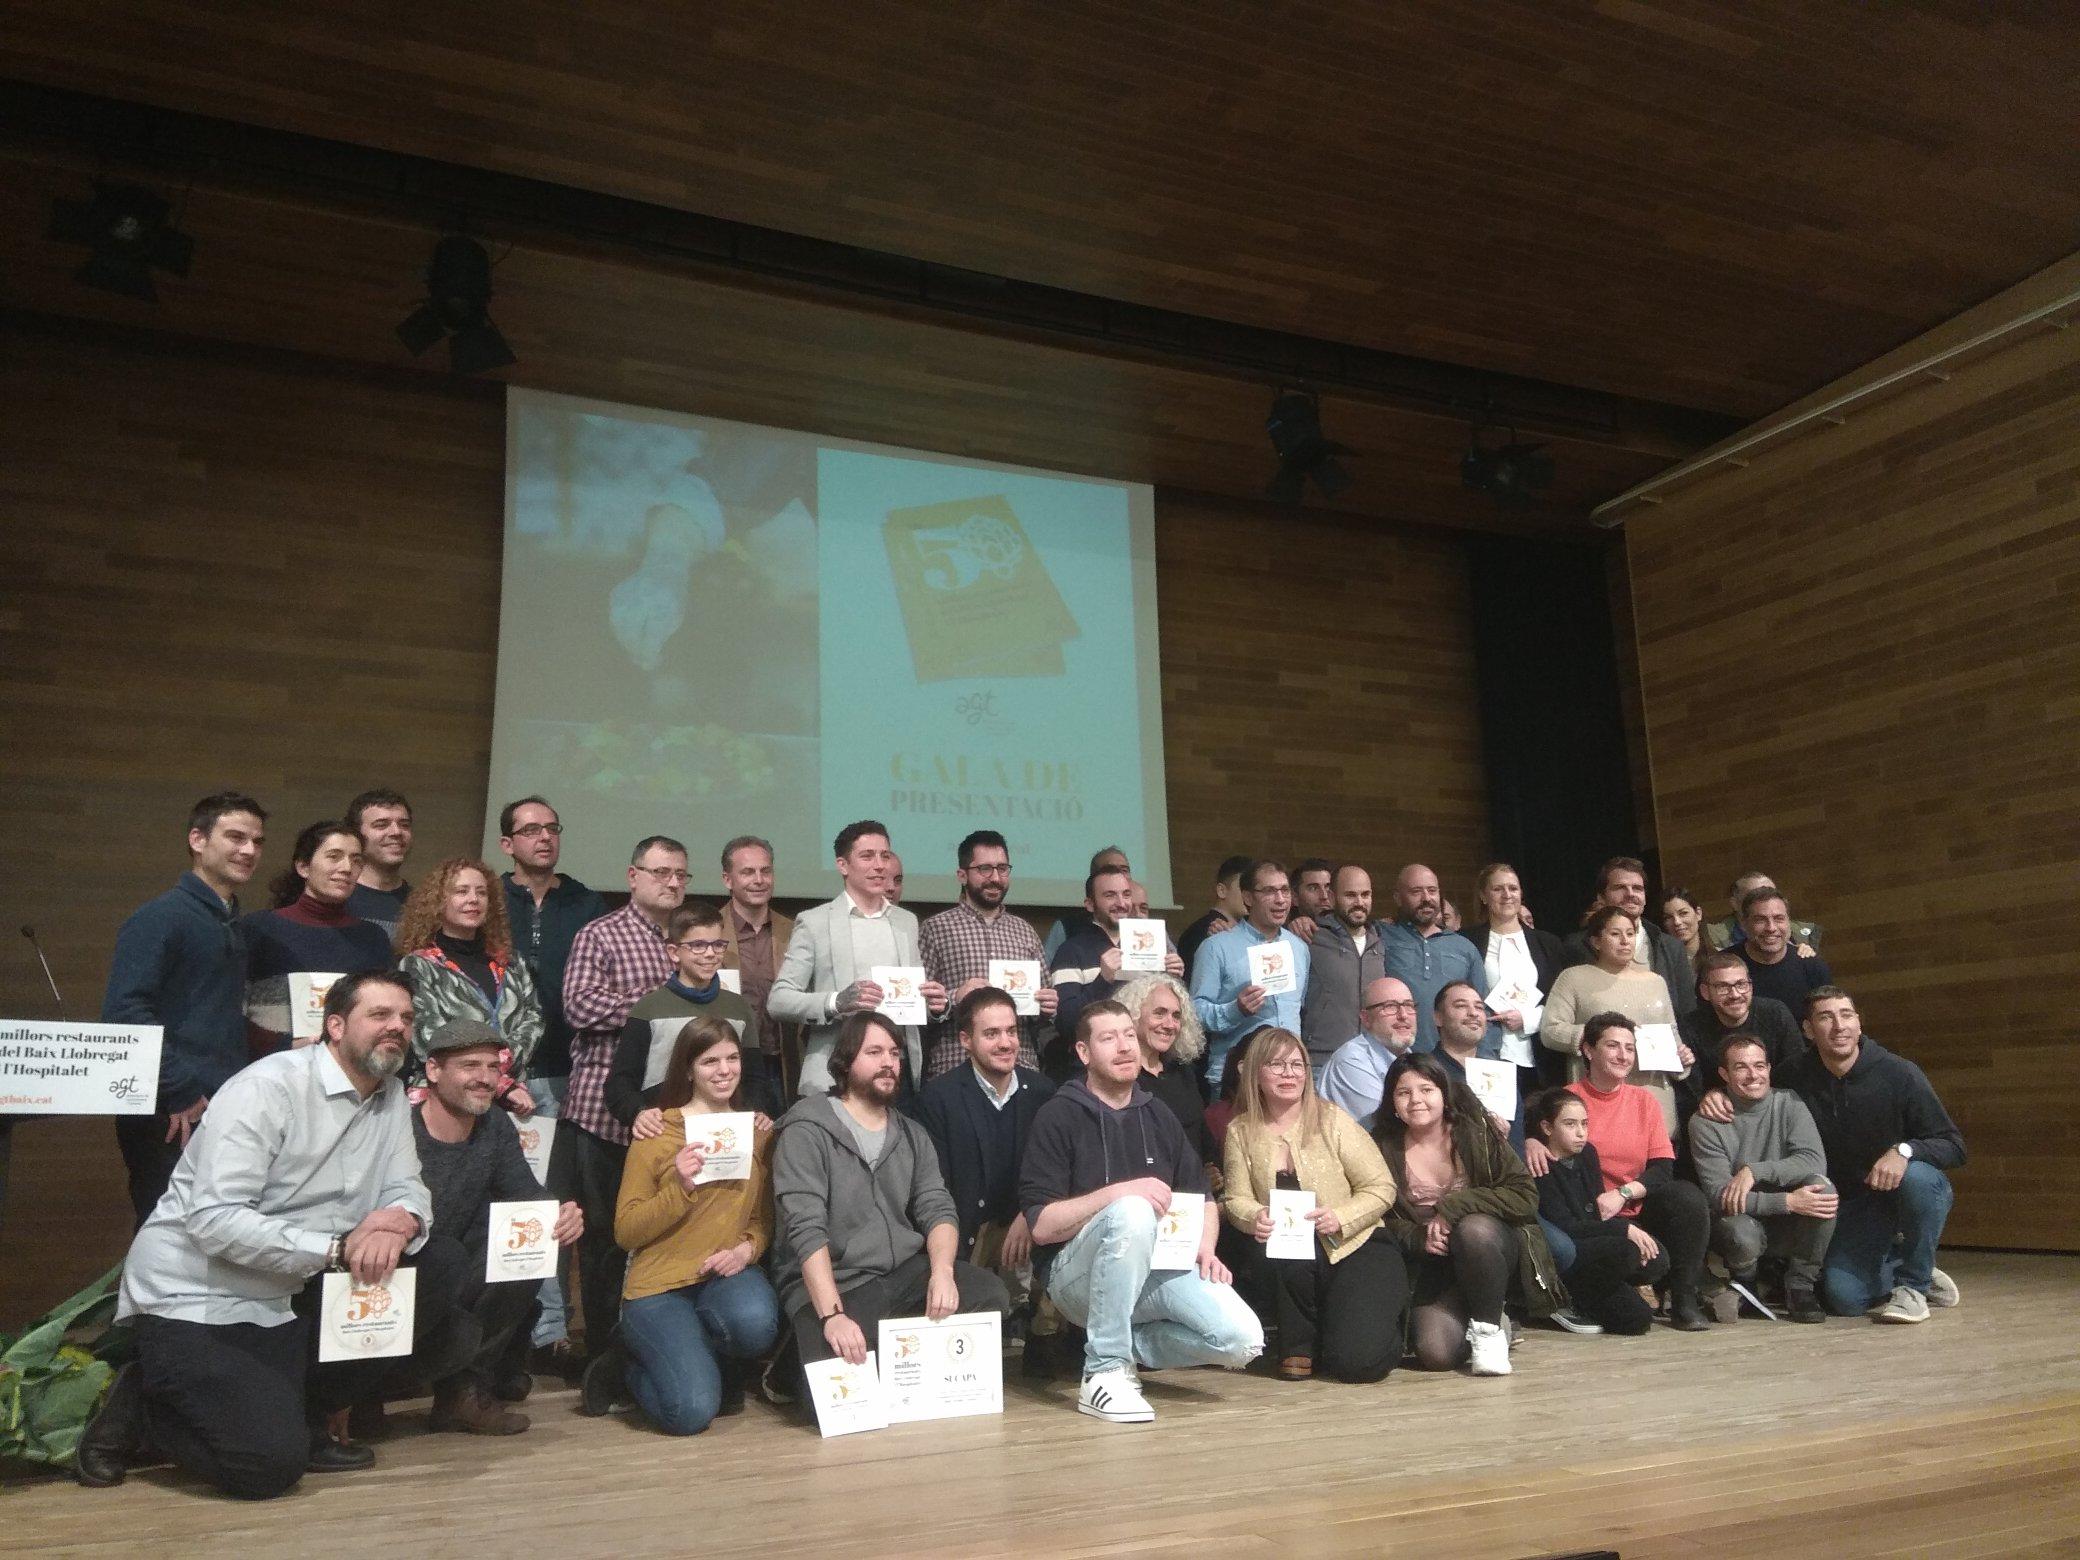 Gala de presentació de la guia 'Els 50 millors restaurants del Baix Llobregat i l'Hospitalet'